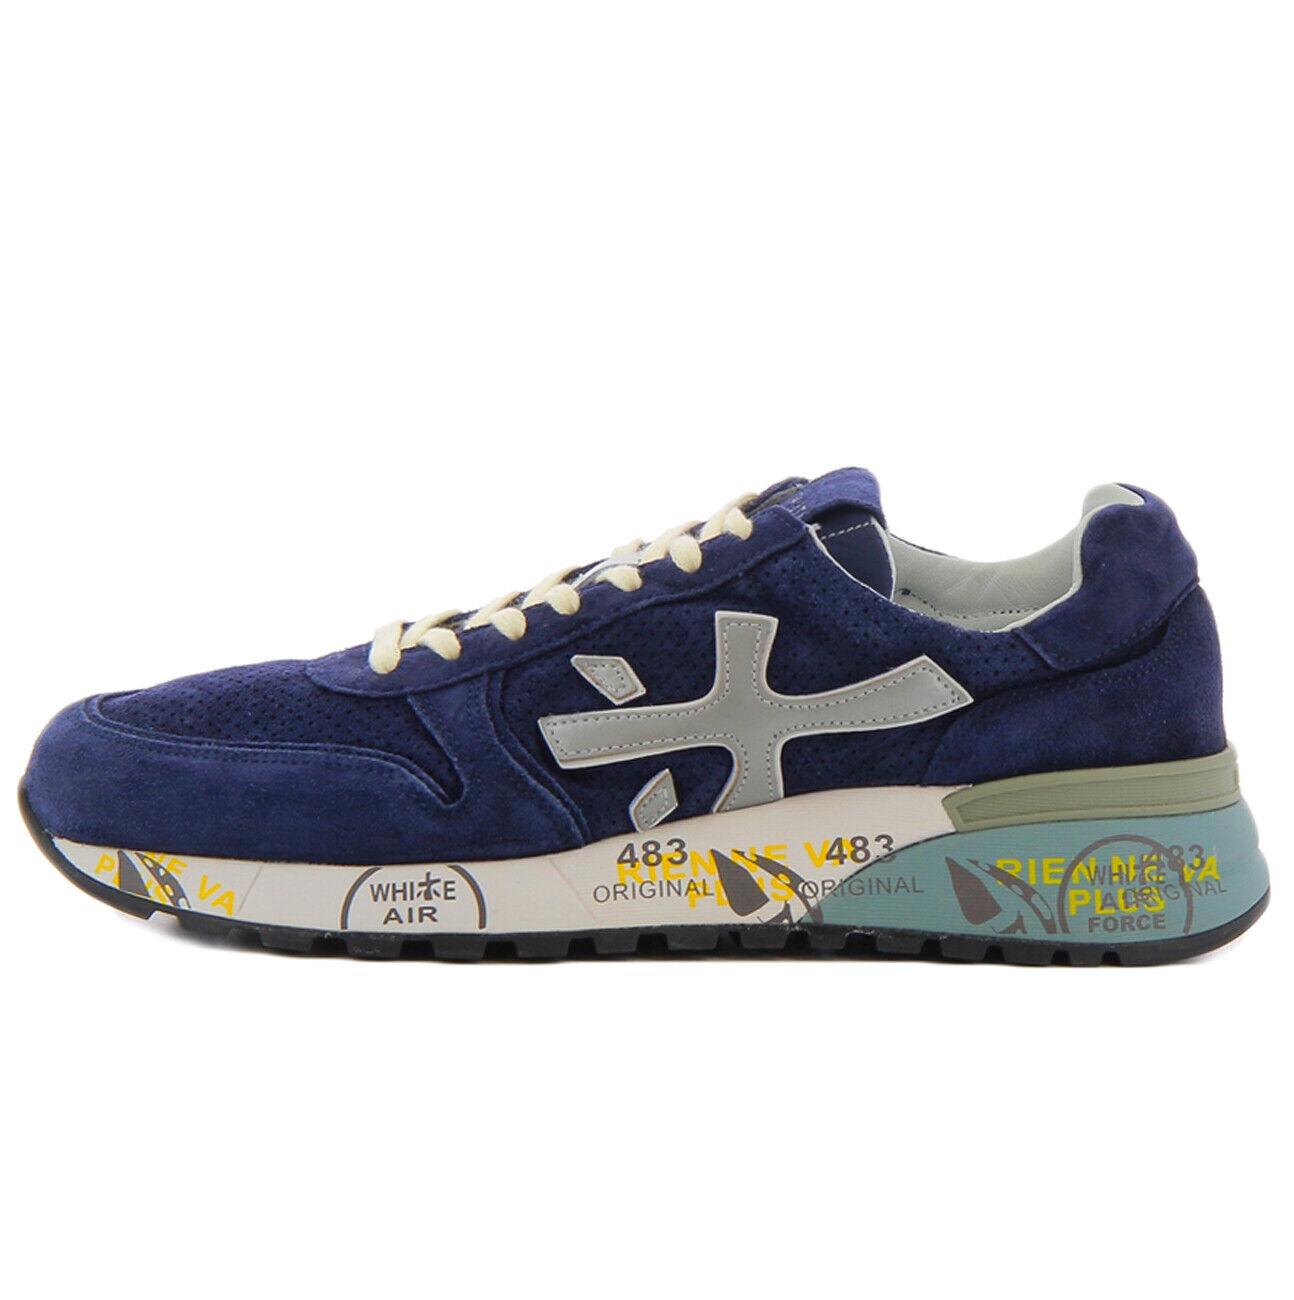 Premiata Sneaker blue MICK 3830 in Leder Wildleder Männer Premiata MICK 3830blue